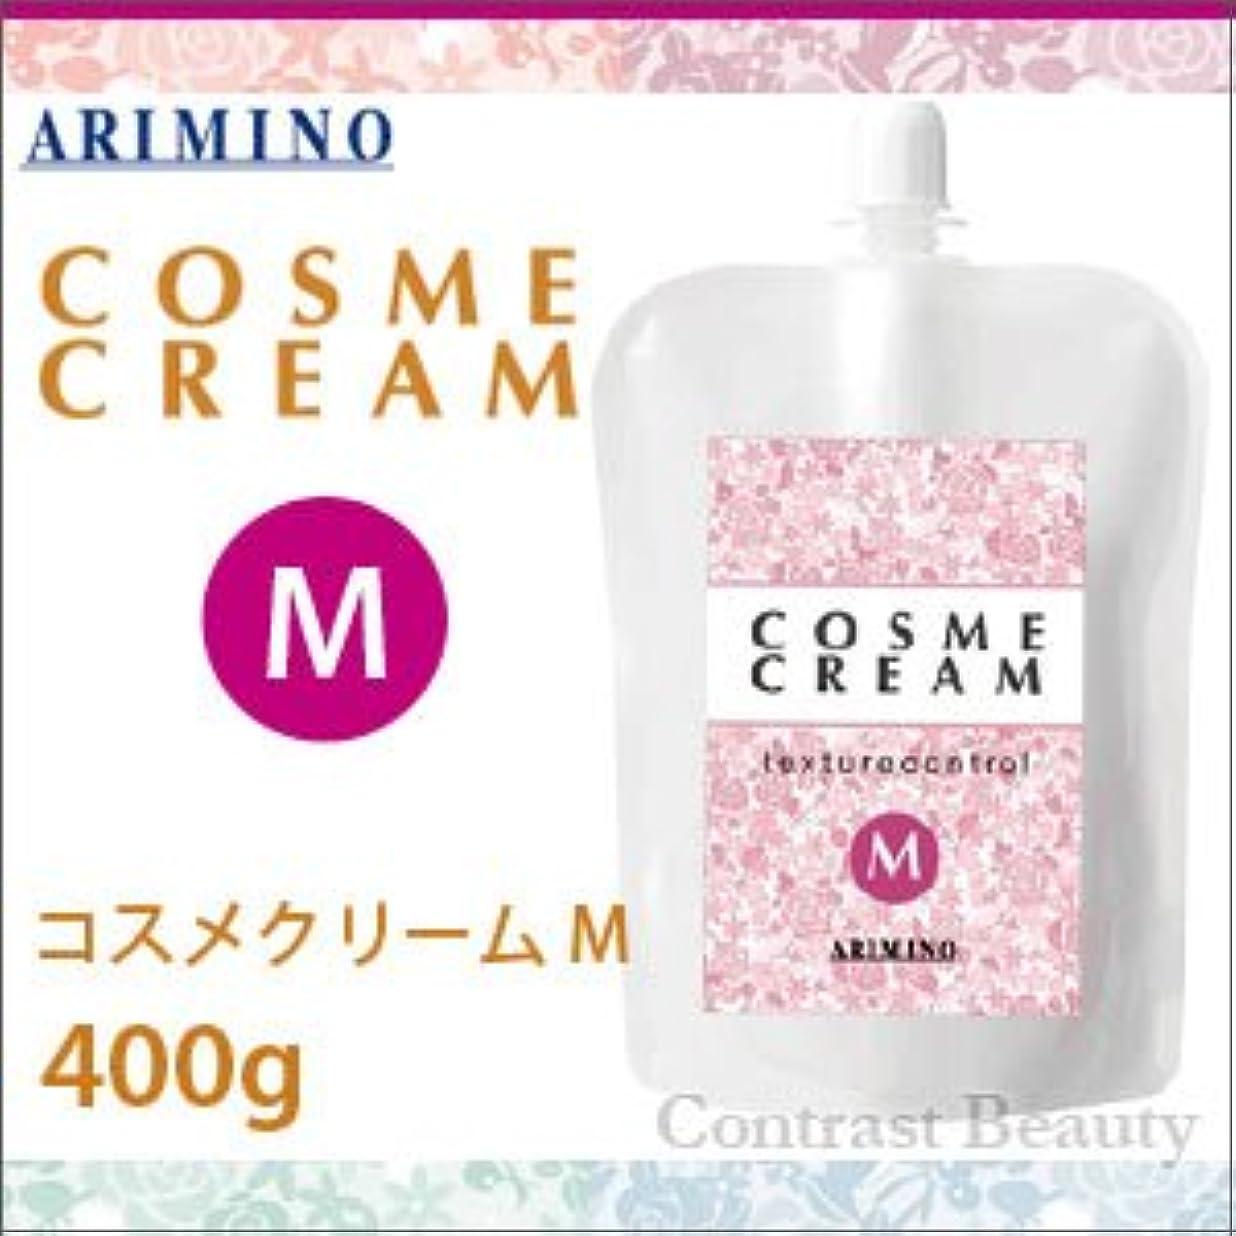 労働より多い多様体アリミノ コスメクリーム M 400g